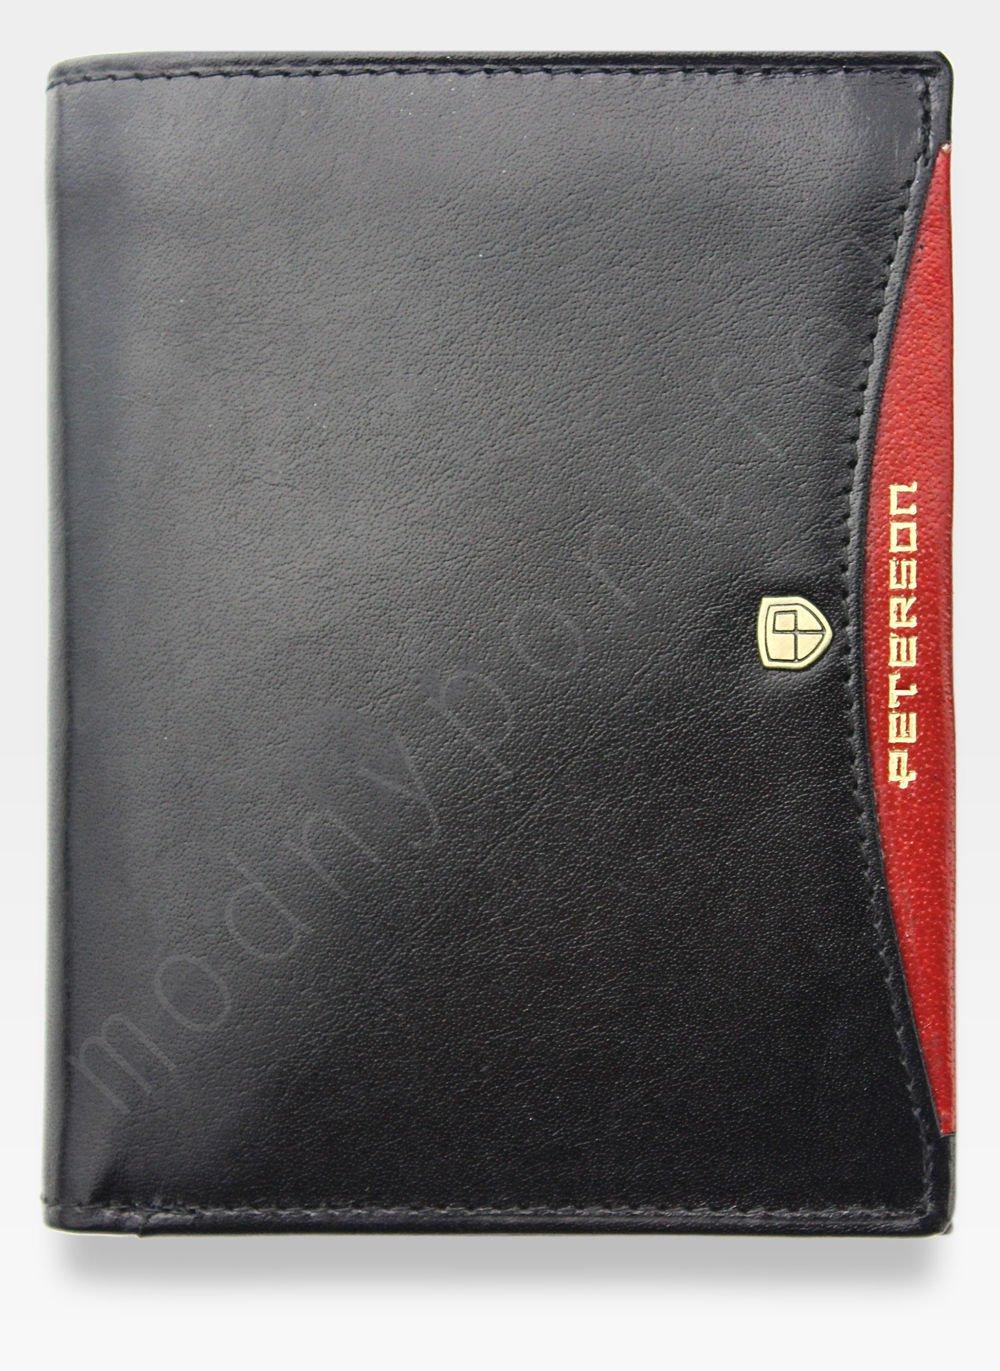 Portfel Męski Peterson Skórzany 339 Czarny + Czerwony